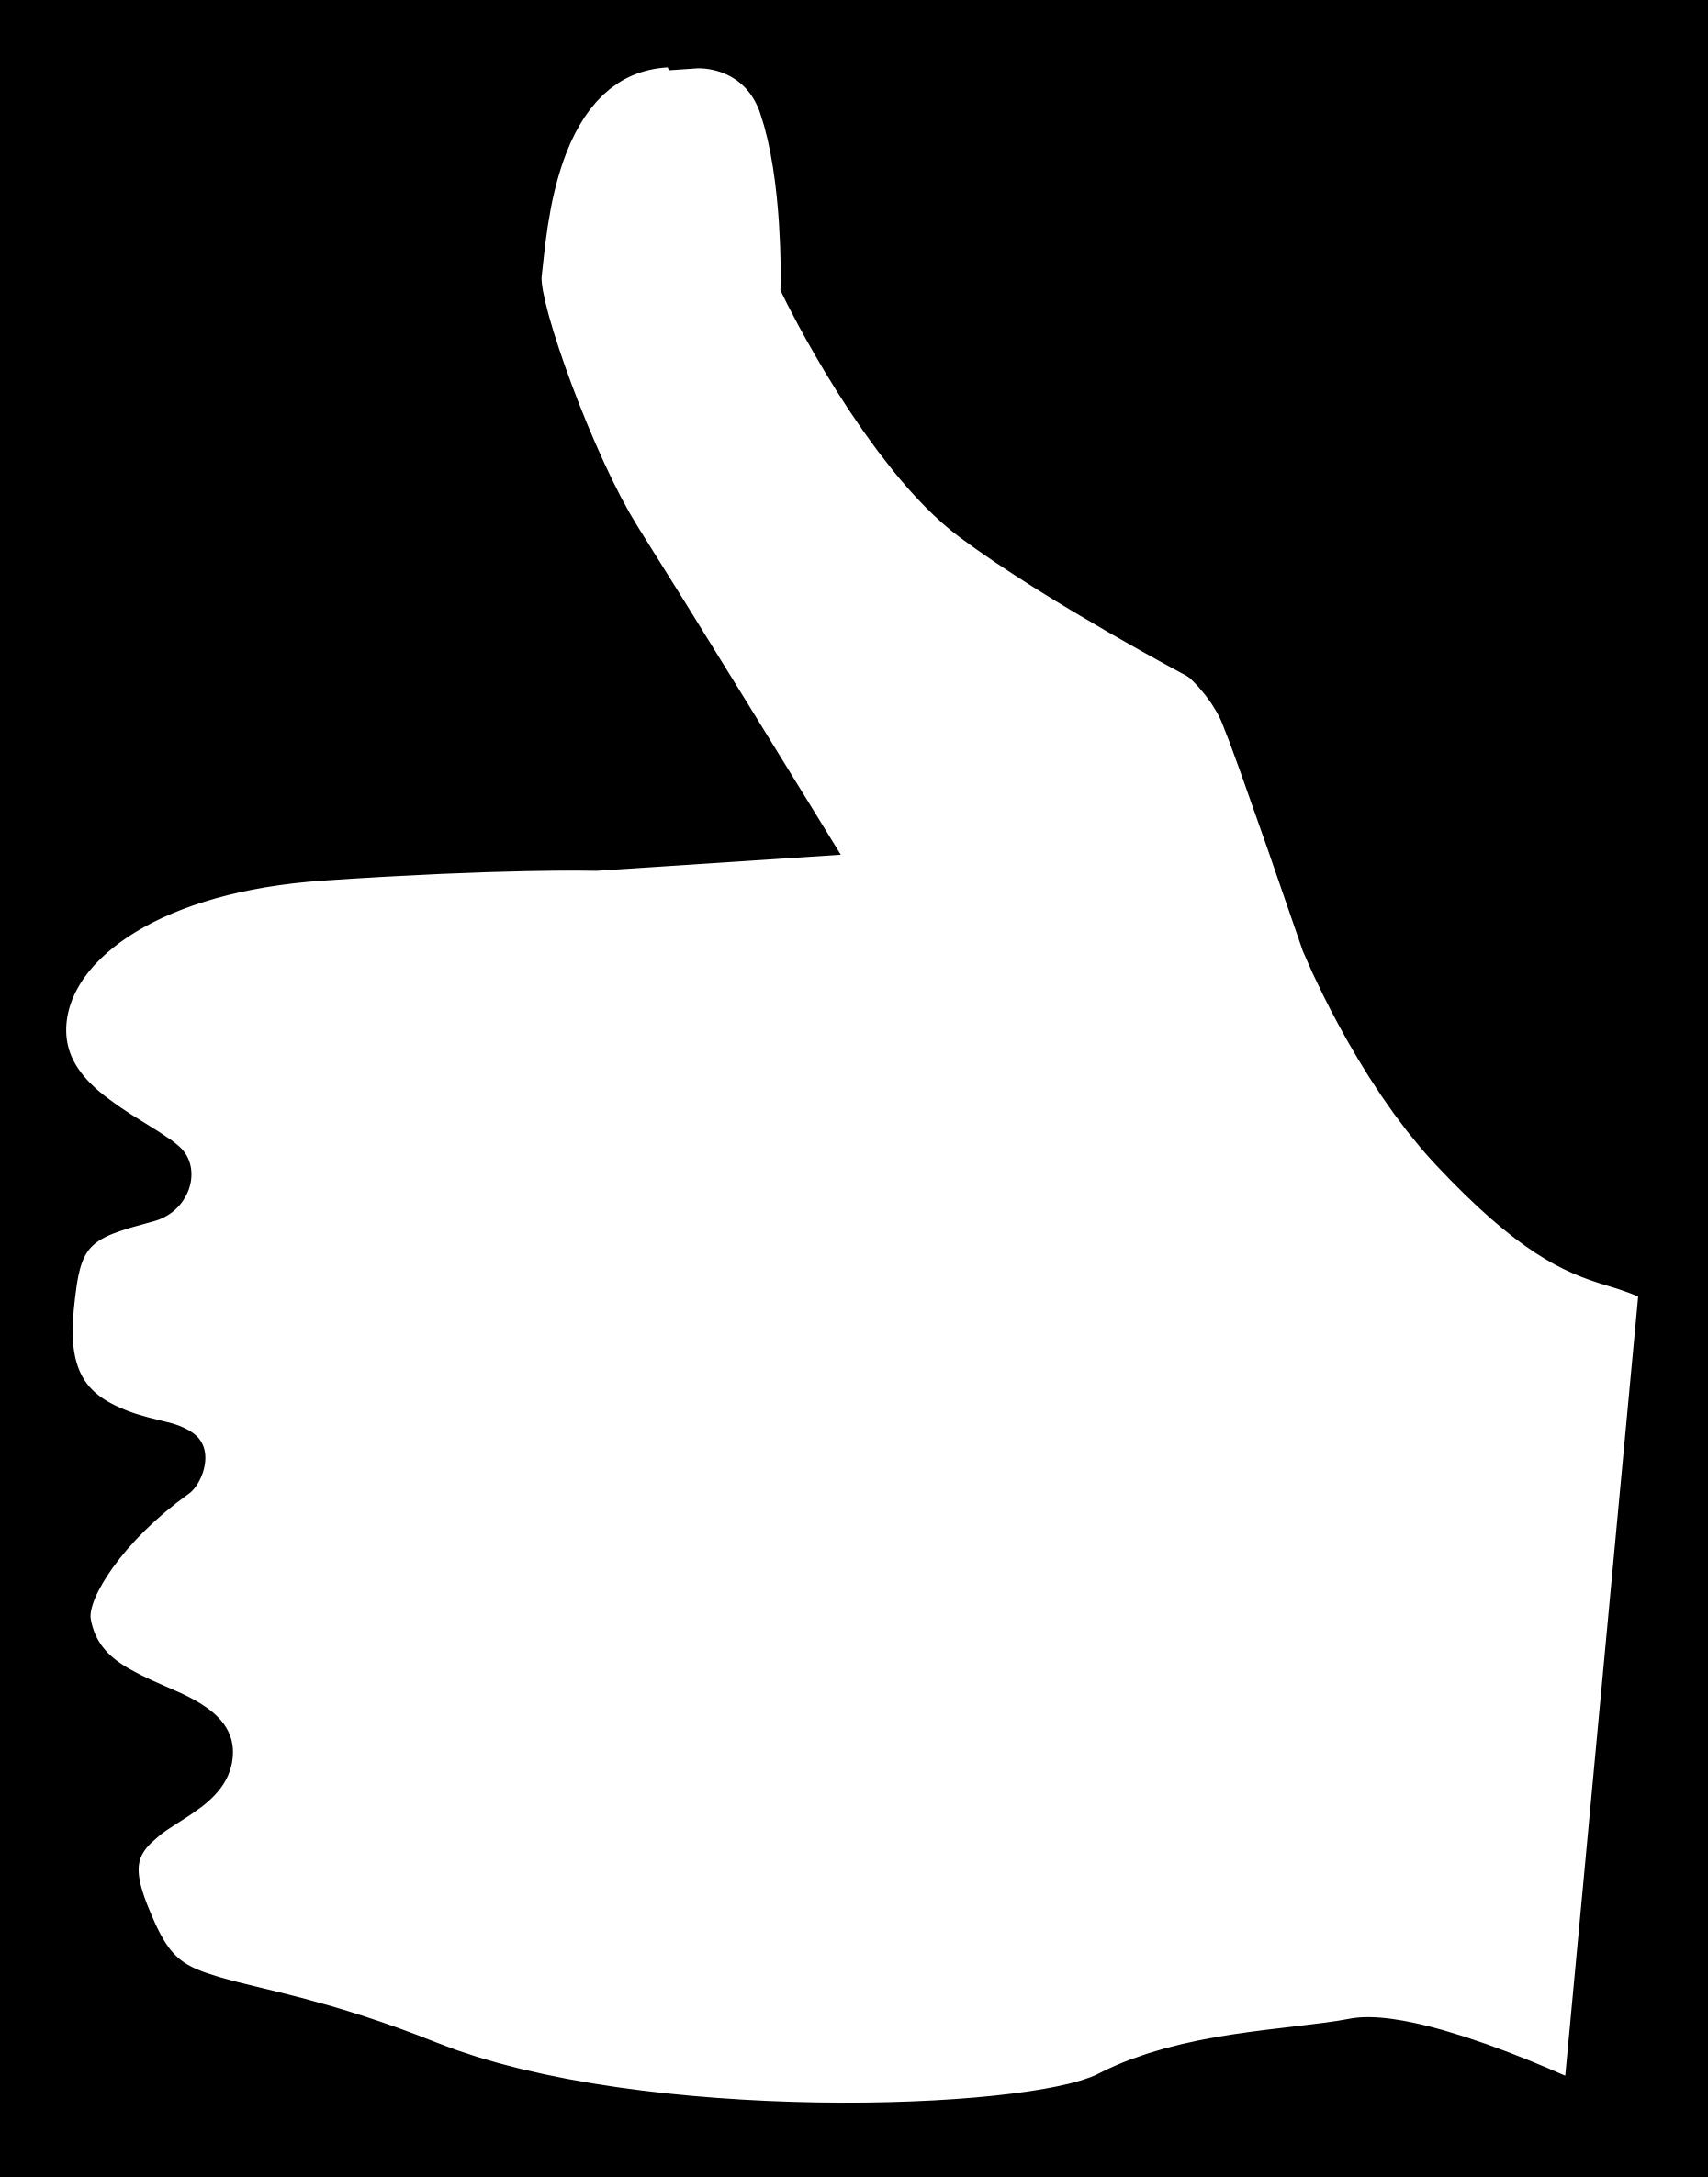 Thumbs up thumb clip art clipart 2.